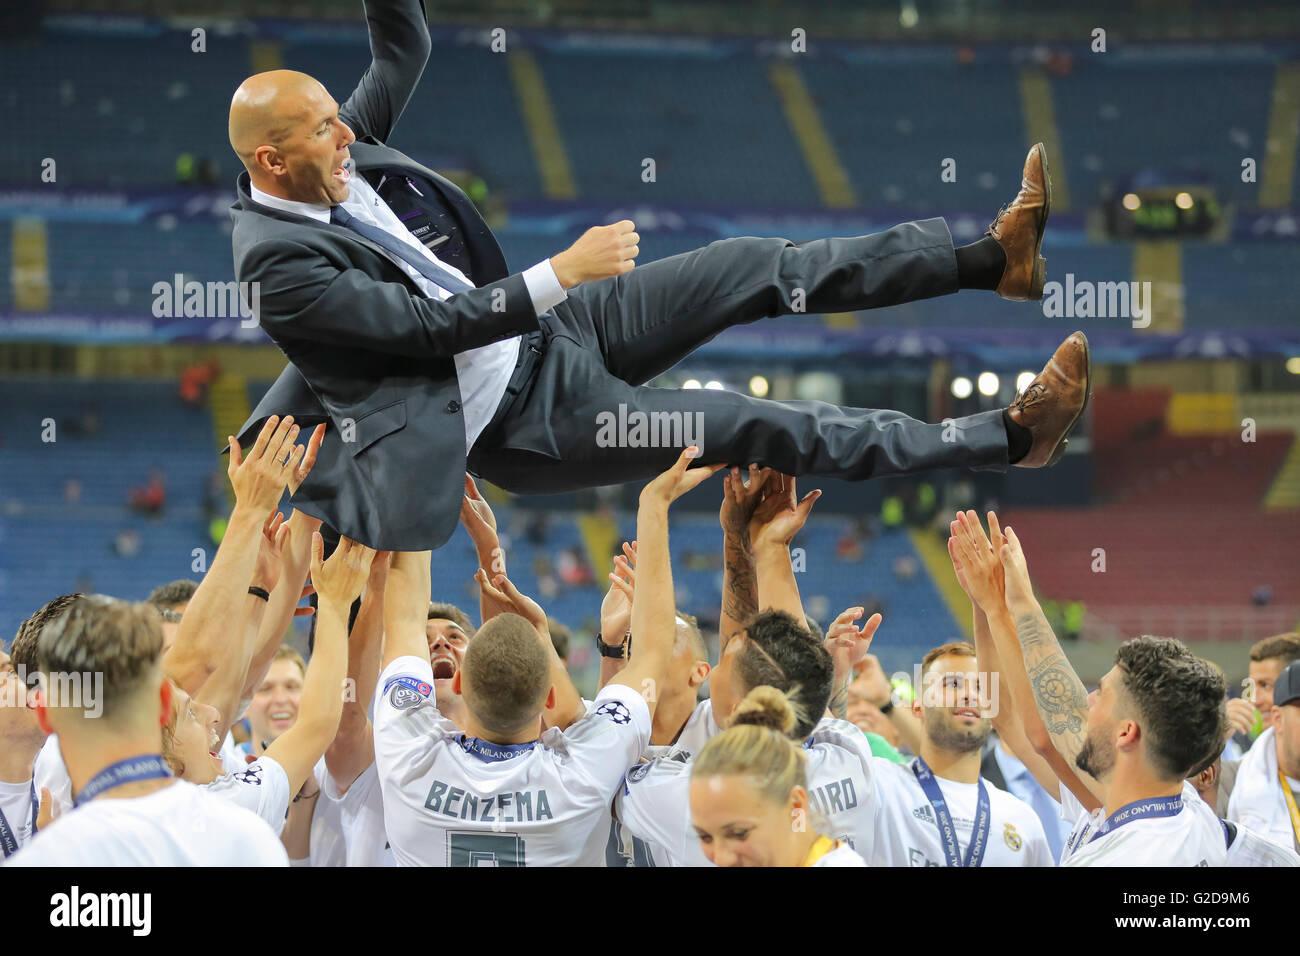 Milán, Italia. 28 de mayo de 2016. Zinedine Zidane, Entrenador Real Madrid lanzado por su equipo Champions Imagen De Stock